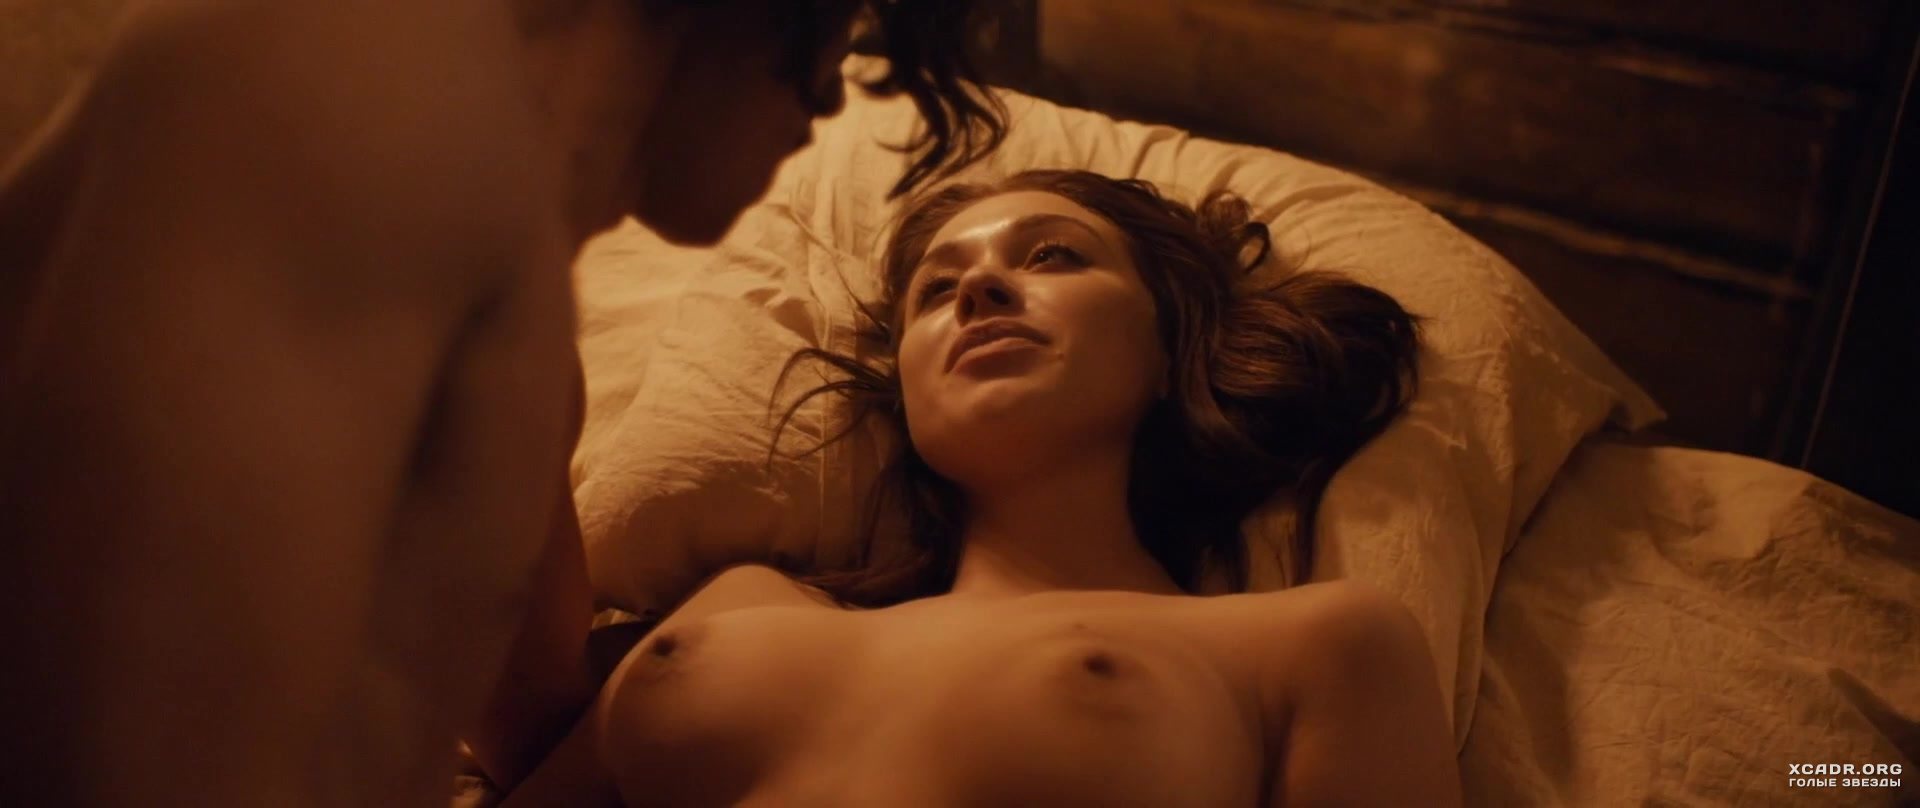 porno-foto-film-armageddon-porno-glamurnih-krasivih